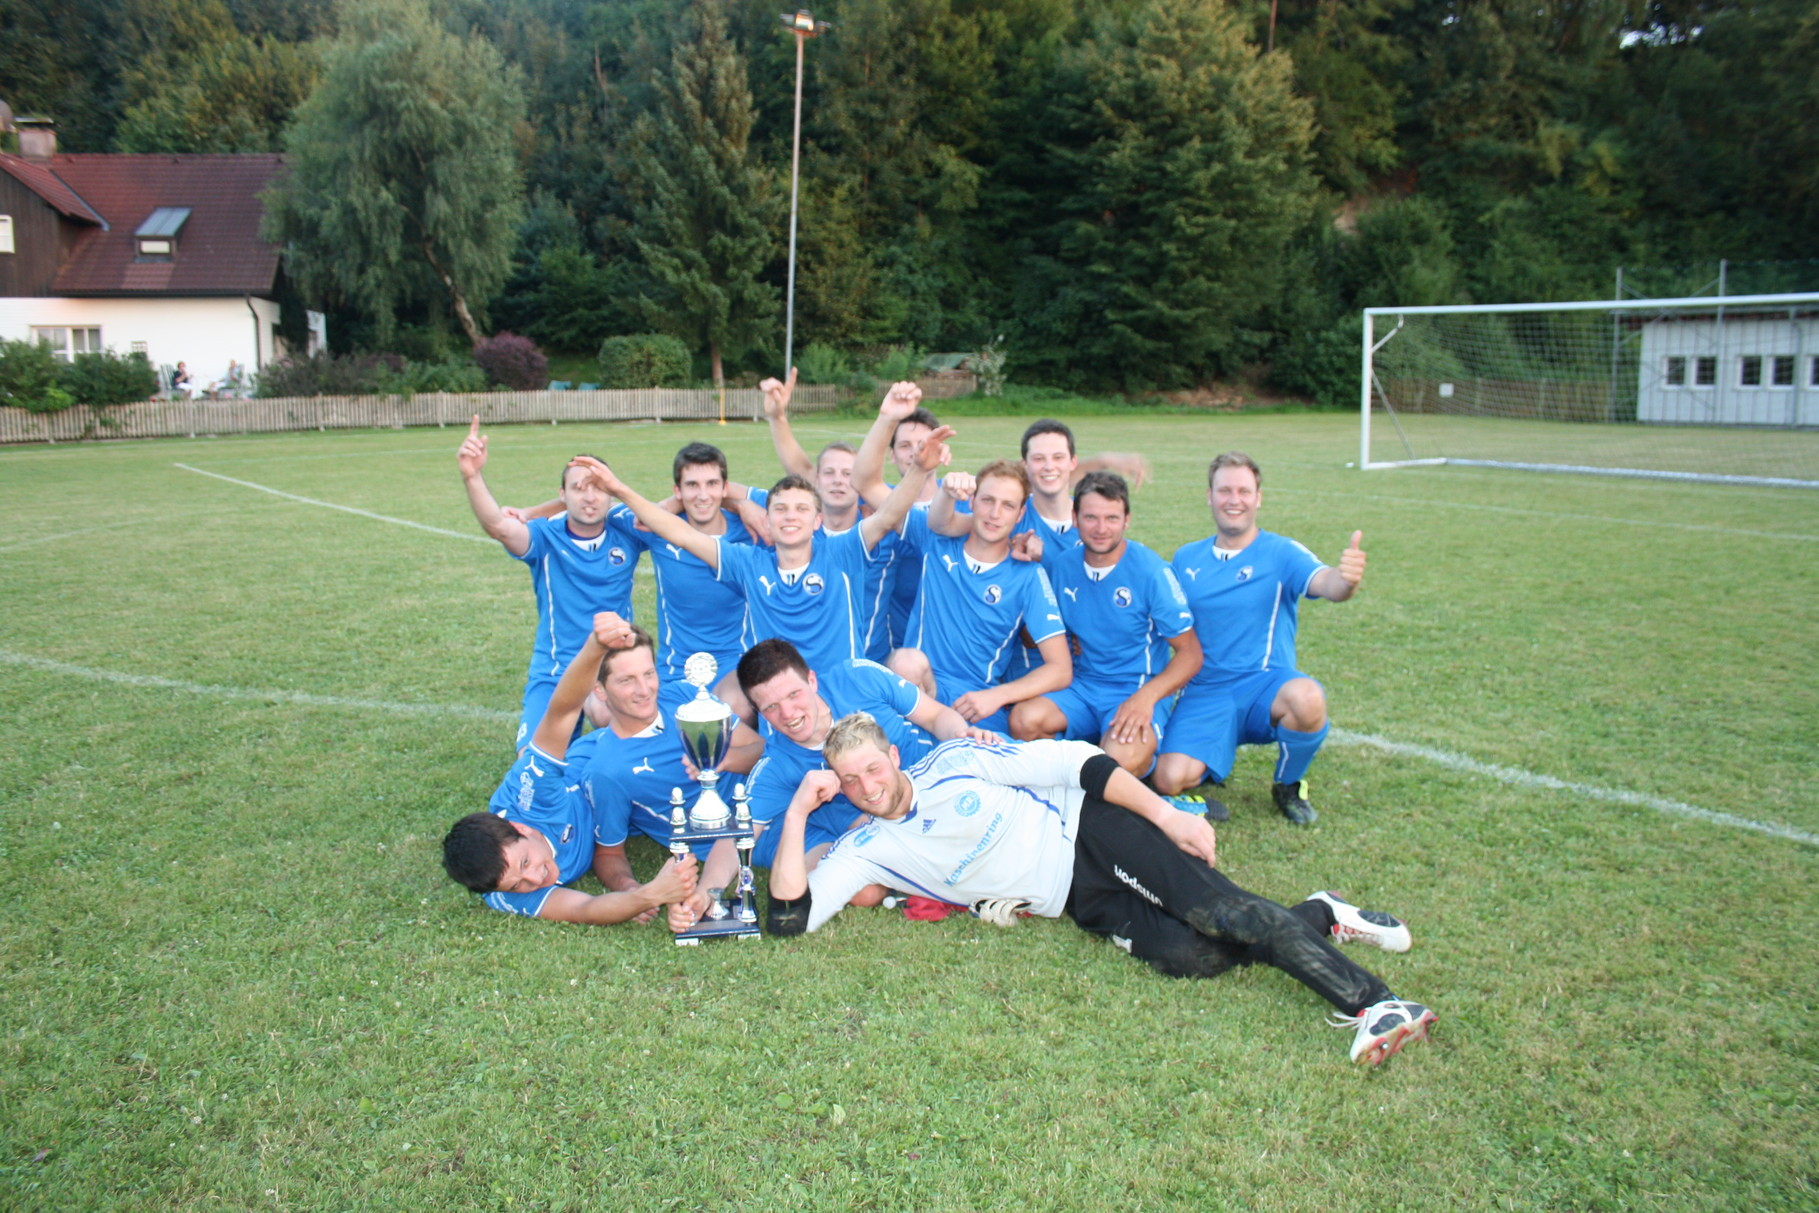 Champion 2013 - Schardenberg 08